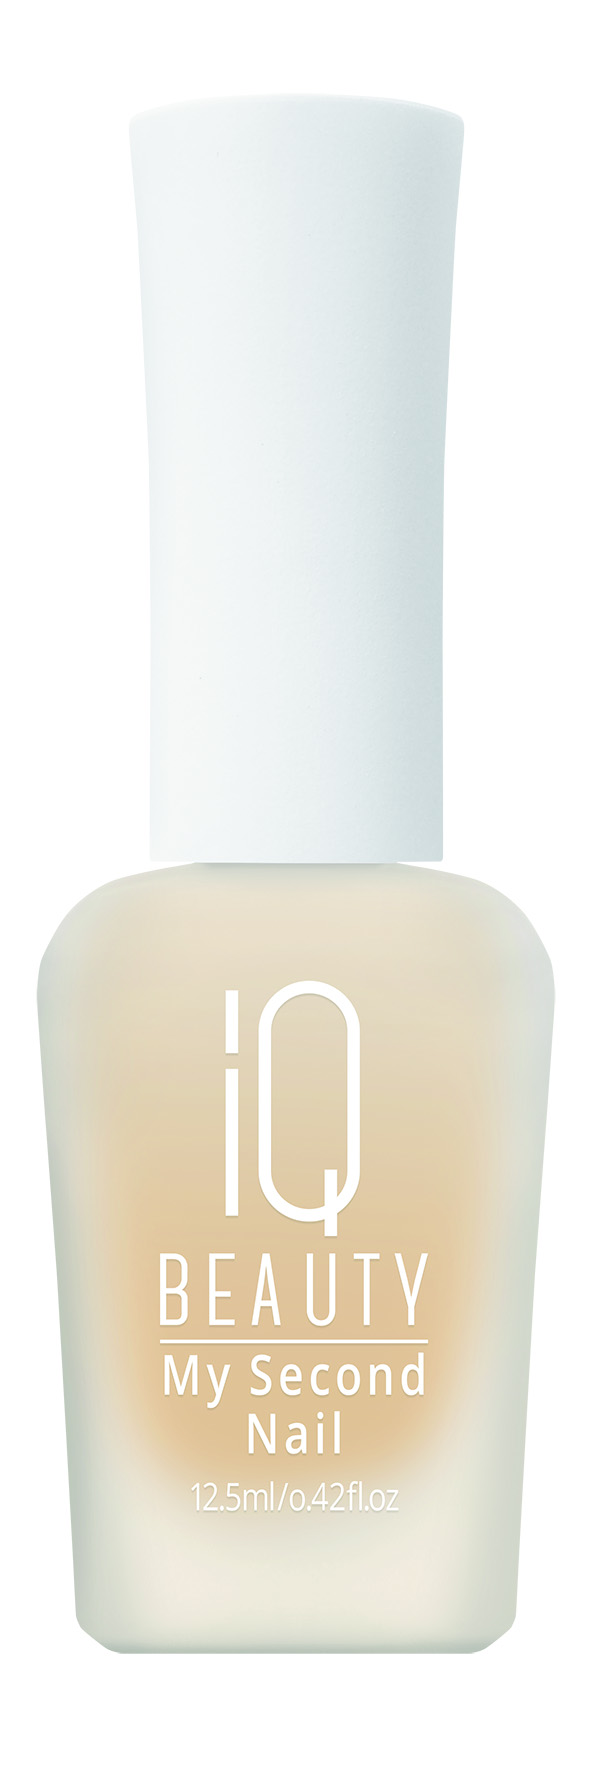 IQ BEAUTY Препарат для утолщения ногтей на основе жемчуга /My Second Nail 12,5мл